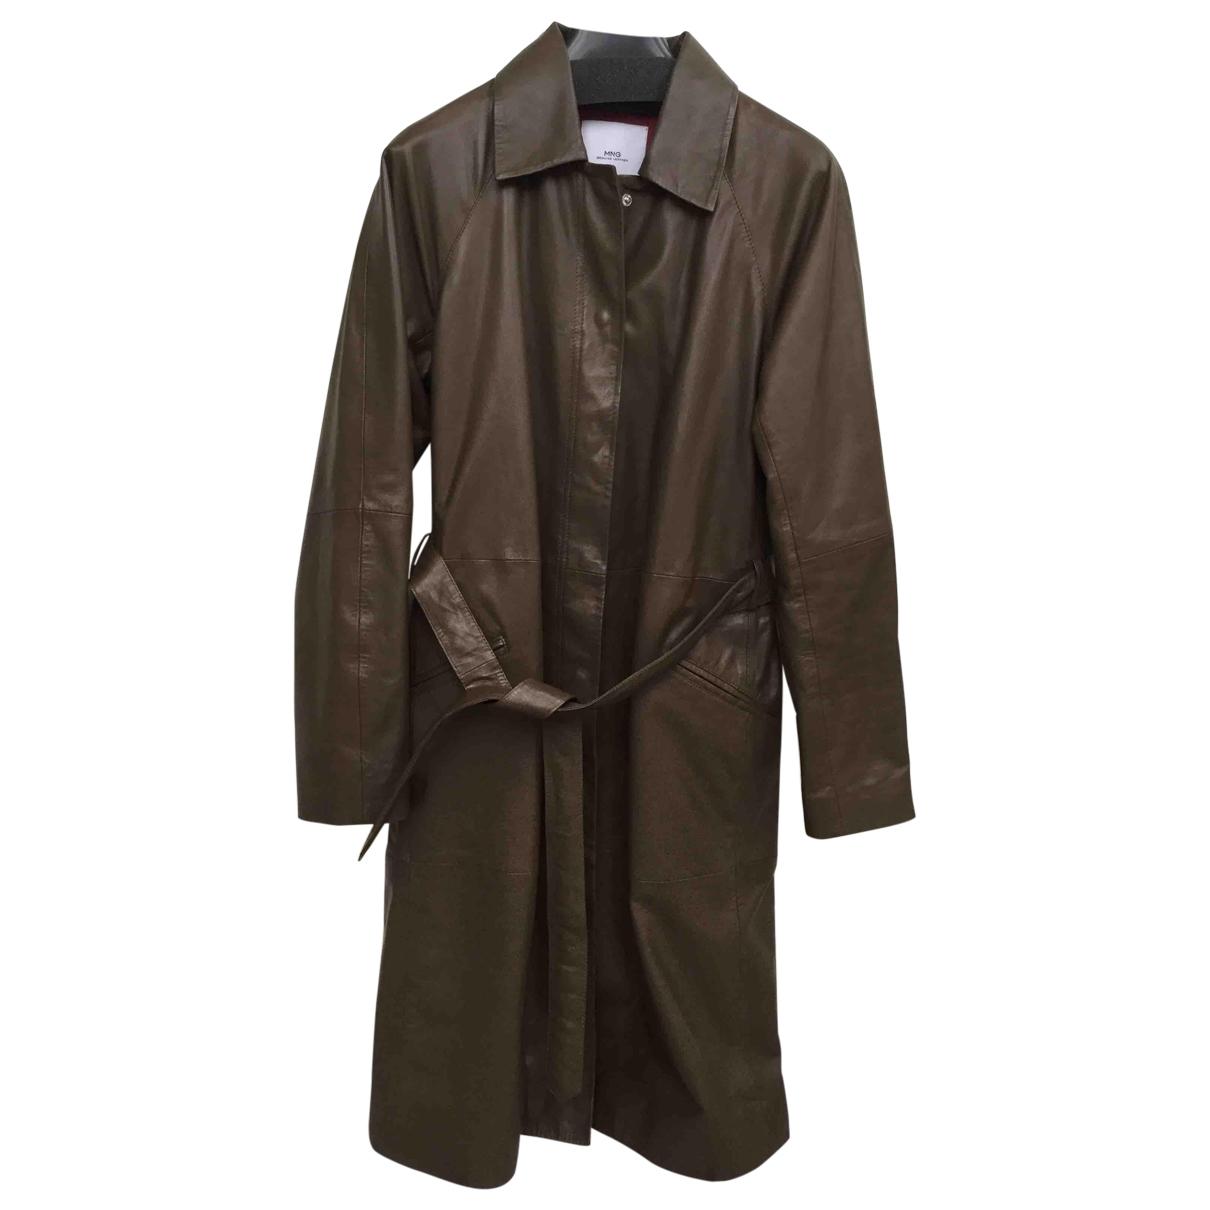 Mango - Manteau   pour femme en cuir - kaki